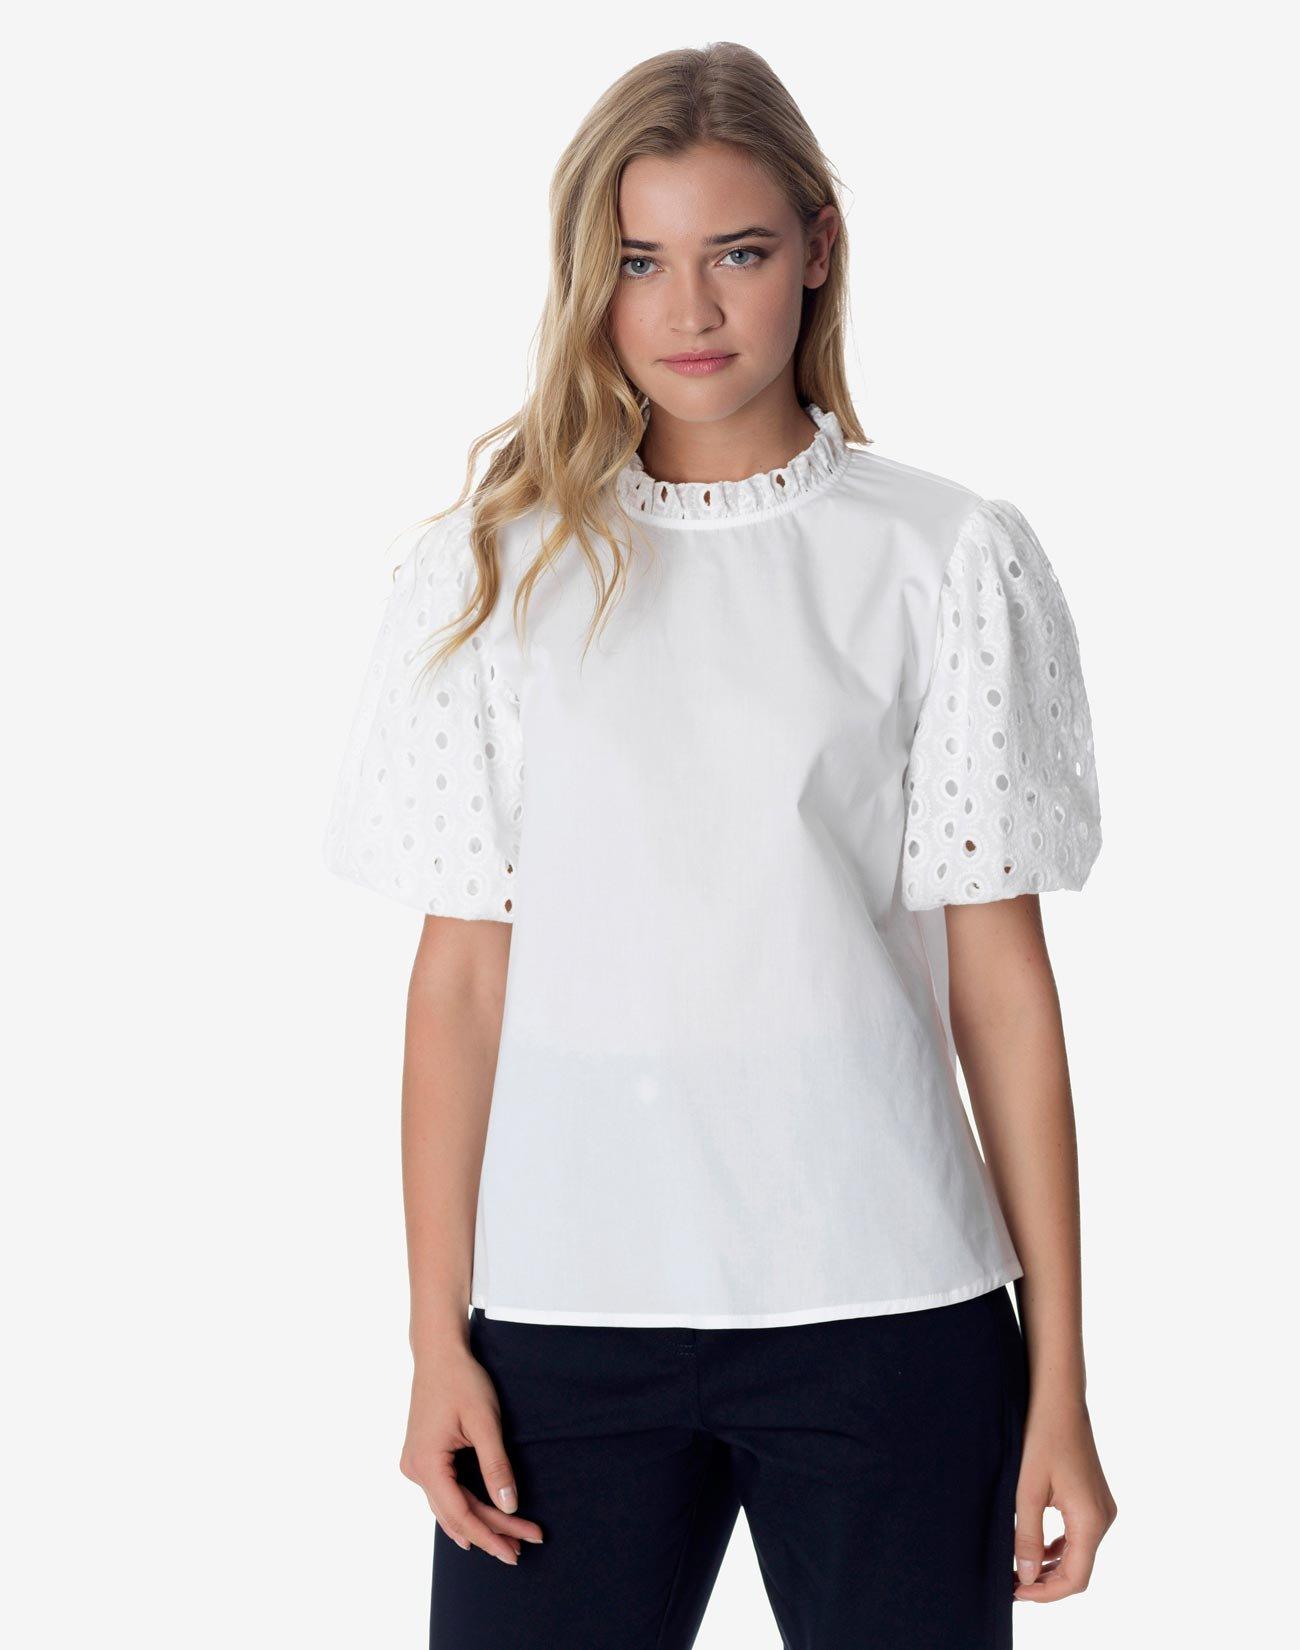 Μπλούζα με ασπρόκεντημα